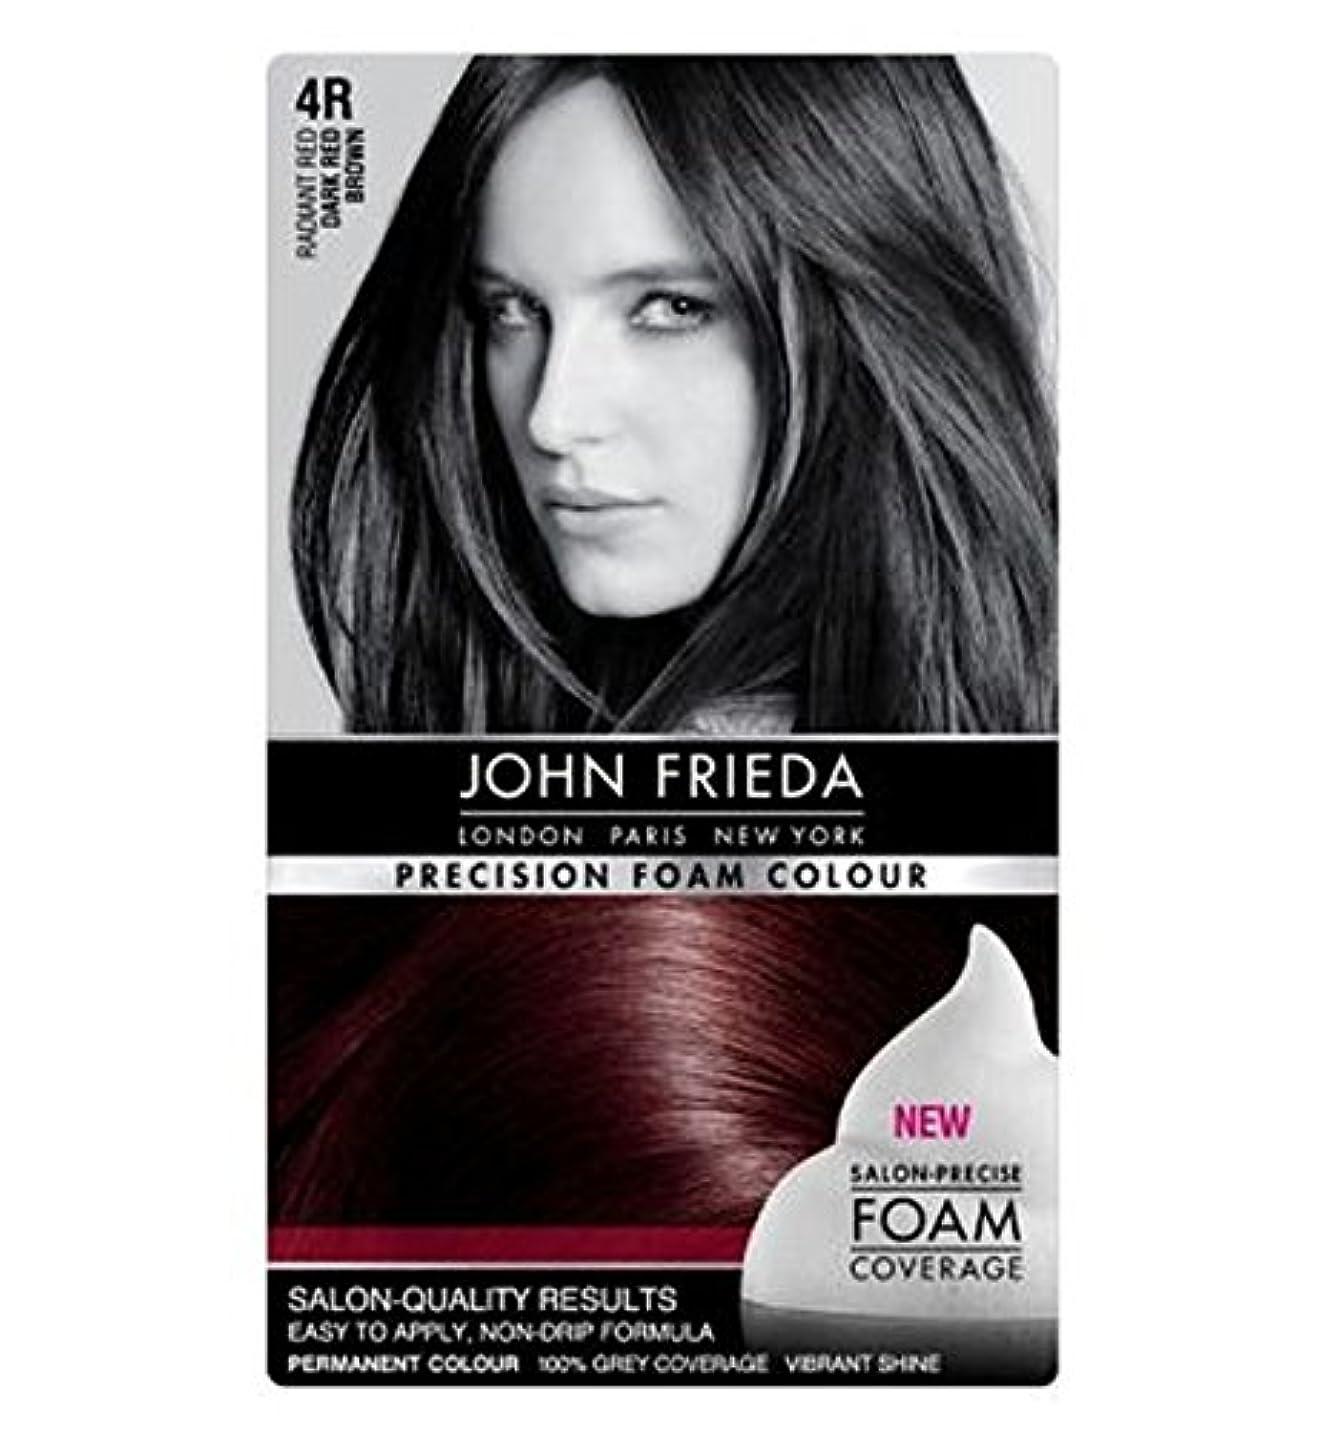 バイオレット羊のびんジョン?フリーダ精密泡カラー4R濃い赤茶色 (John Frieda) (x2) - John Frieda Precision Foam Colour 4R Dark Red Brown (Pack of 2) [並行輸入品]